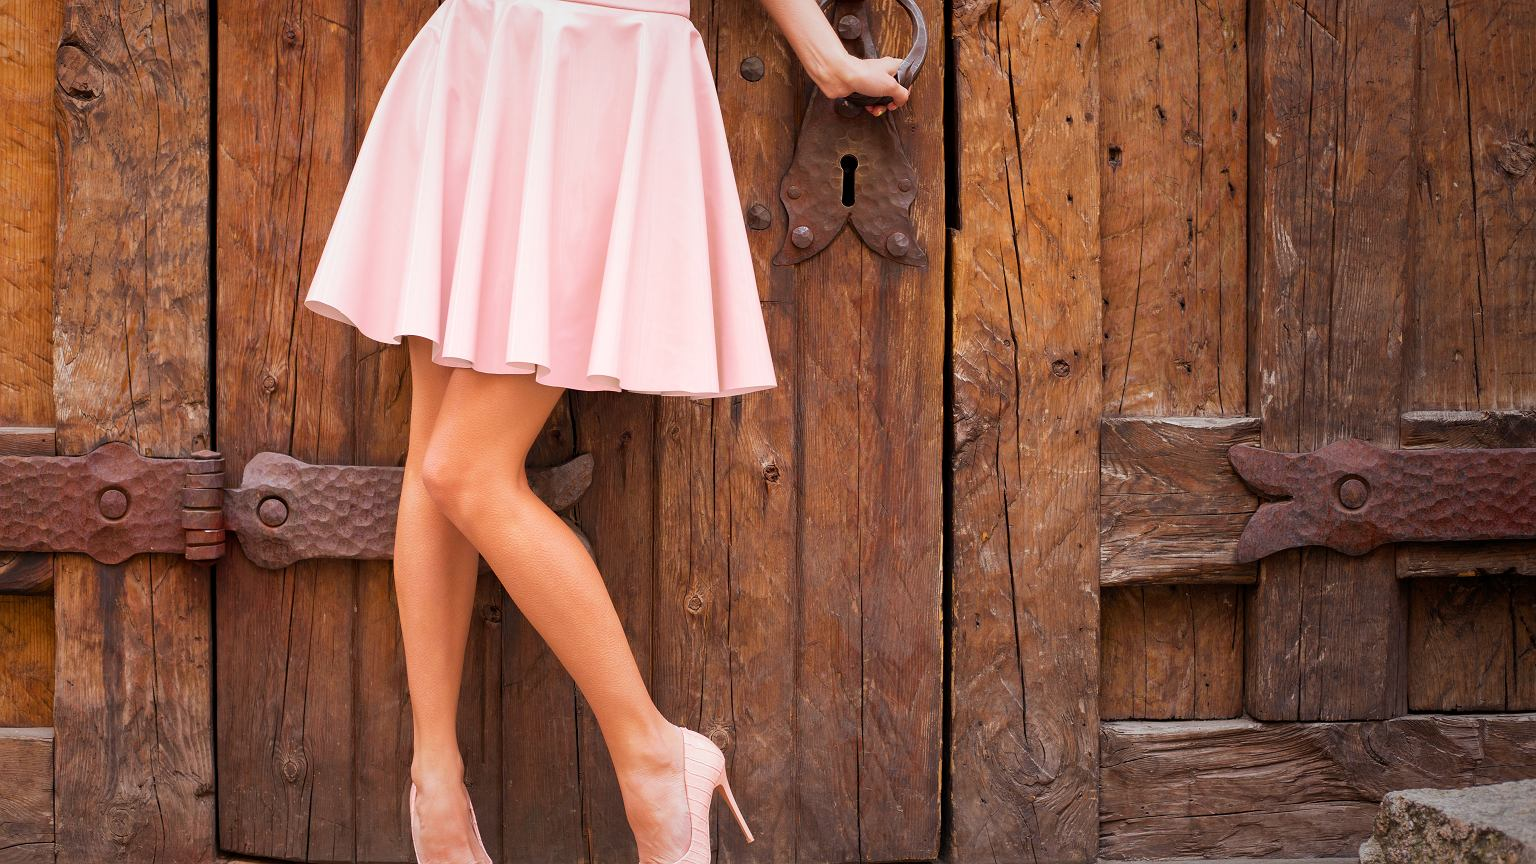 79bd73f479dd75 Spódnice w stylu lat 50. Ultrakobiecy fason znowu szalenie modny!